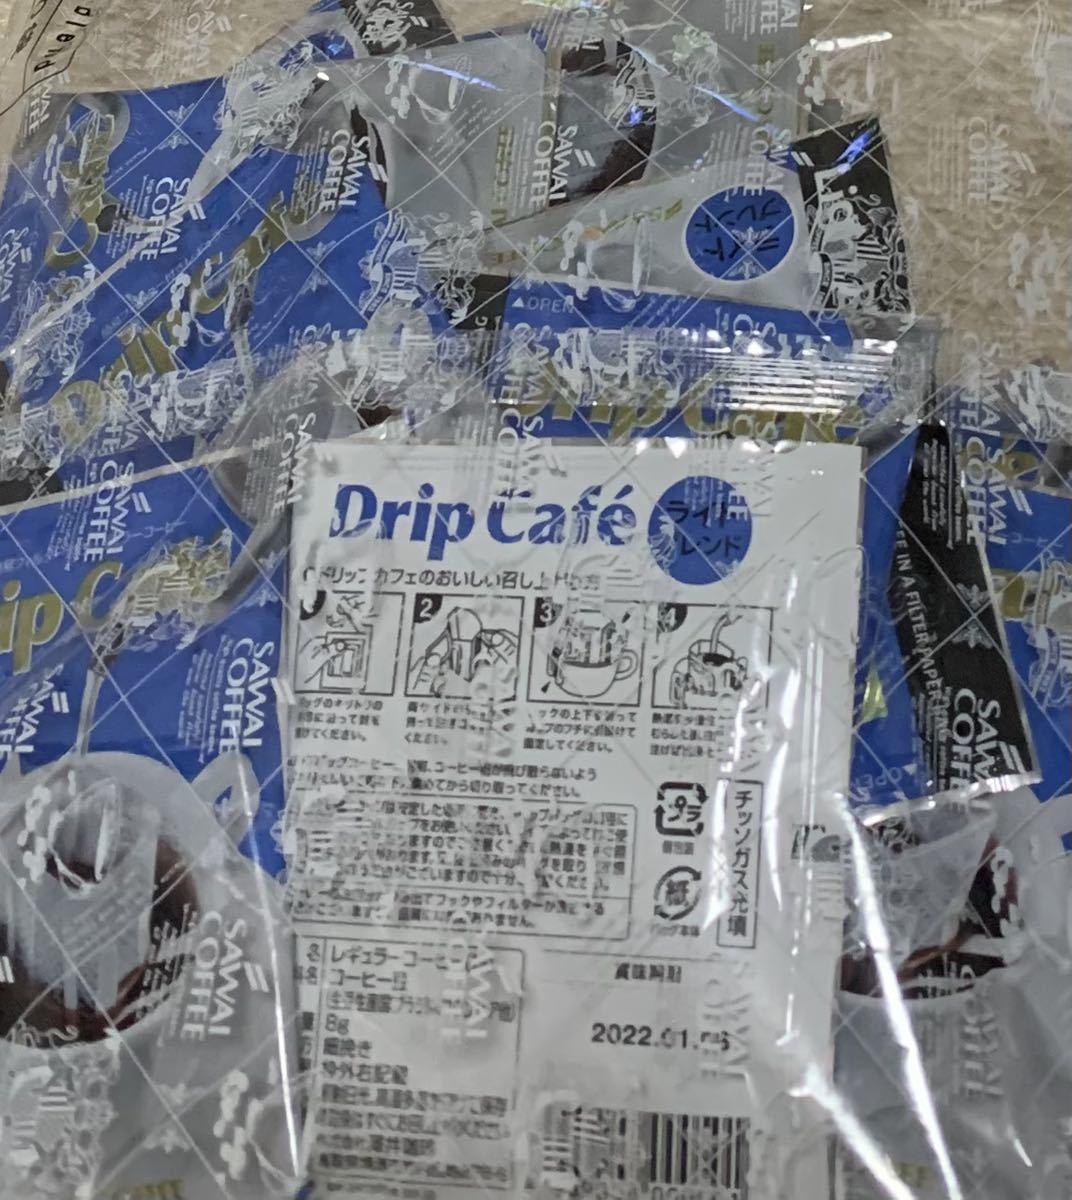 澤井珈琲 コーヒー ライトブレンド ドリップコーヒー 19袋 簡易フィルター付きレギュラーコーヒー_画像1